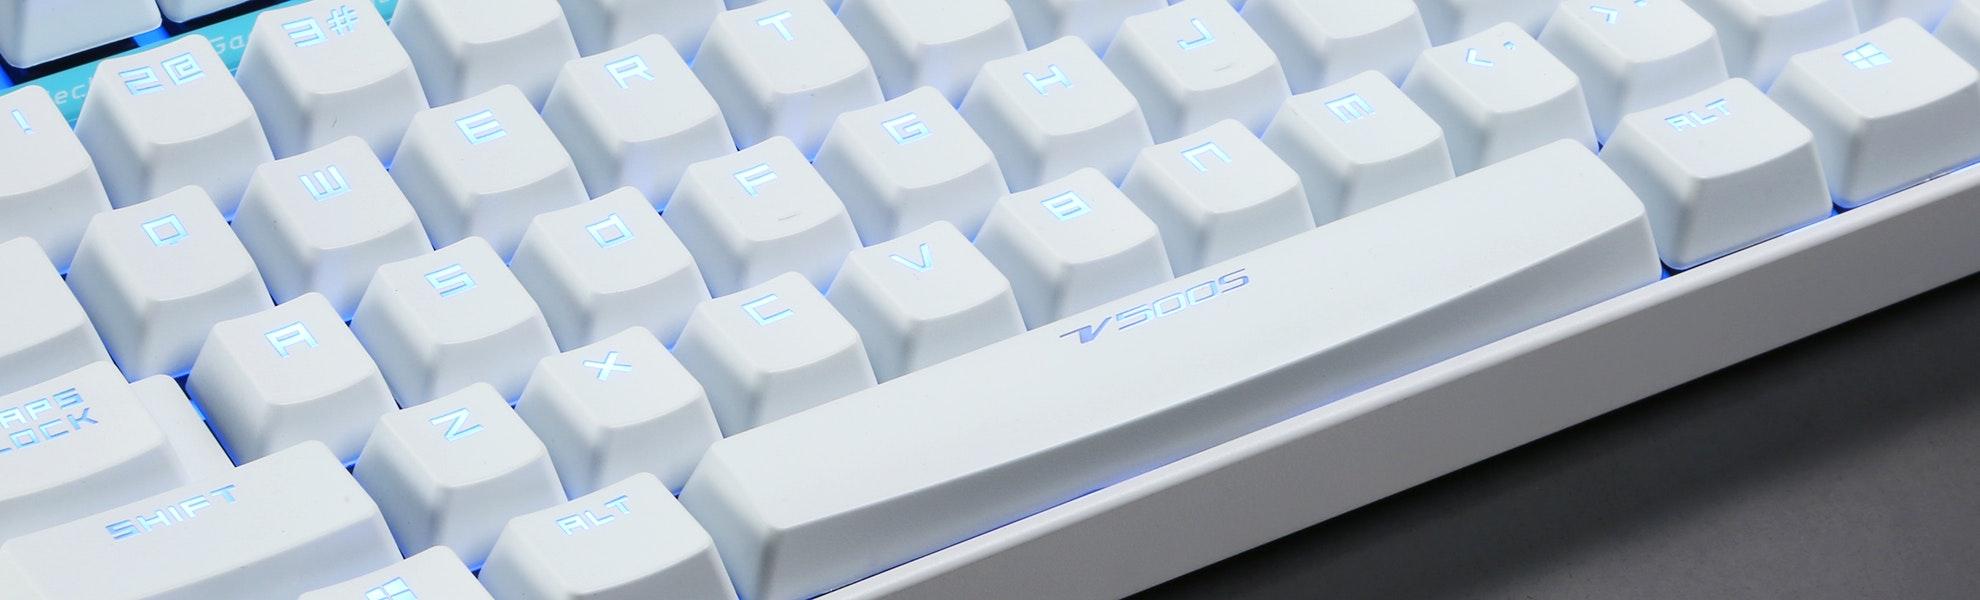 Rapoo V500s